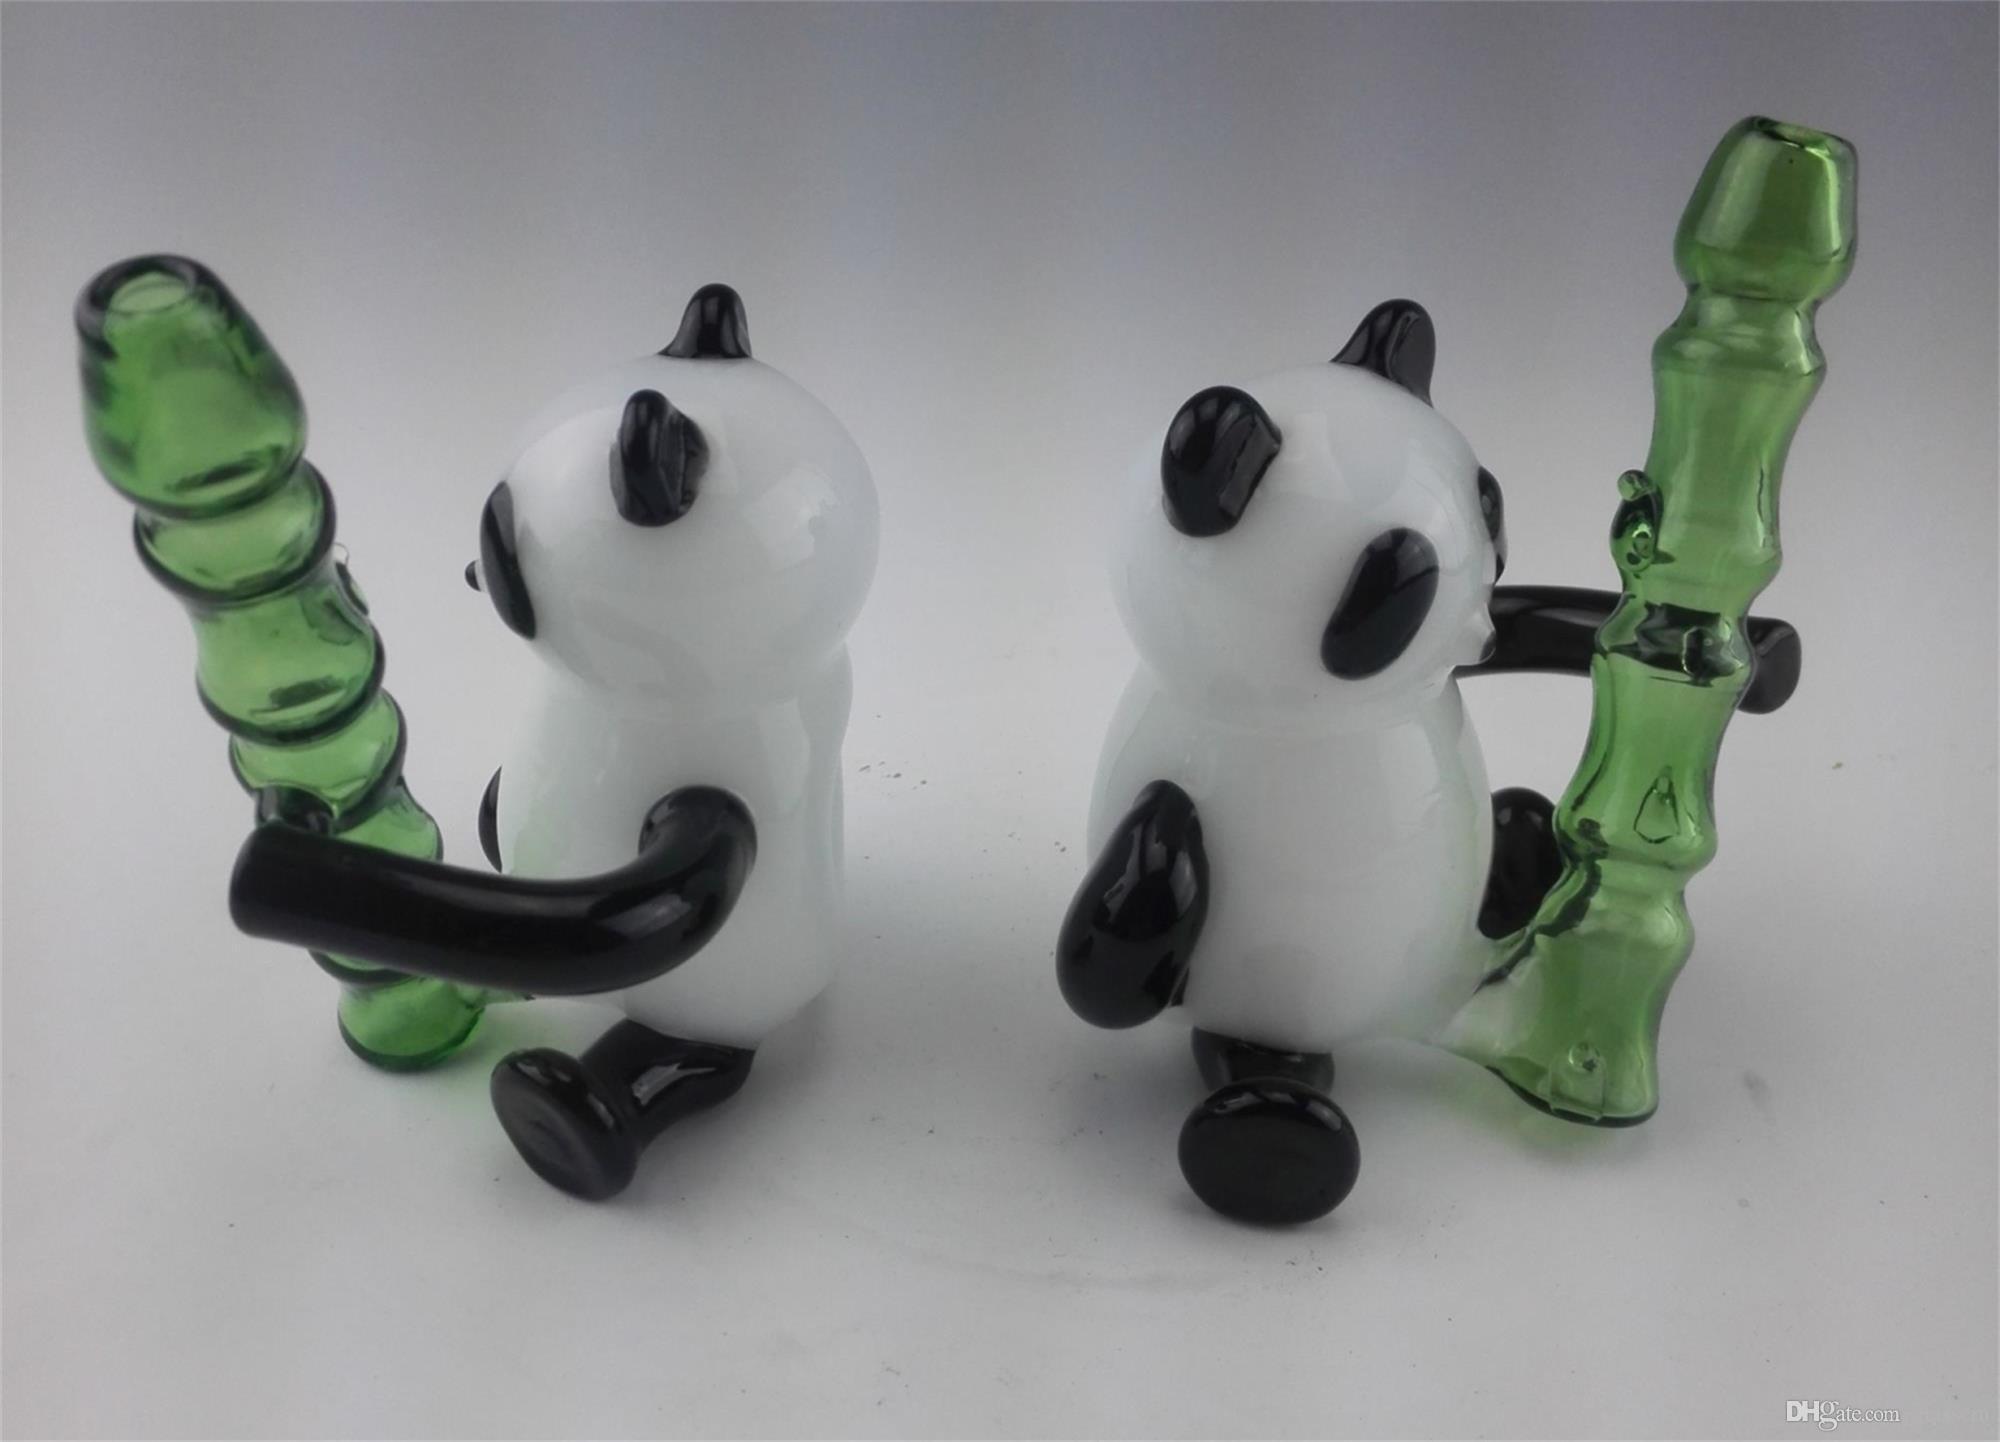 Panda sigara boru, carta cam nargile, siparişe hoş geldiniz